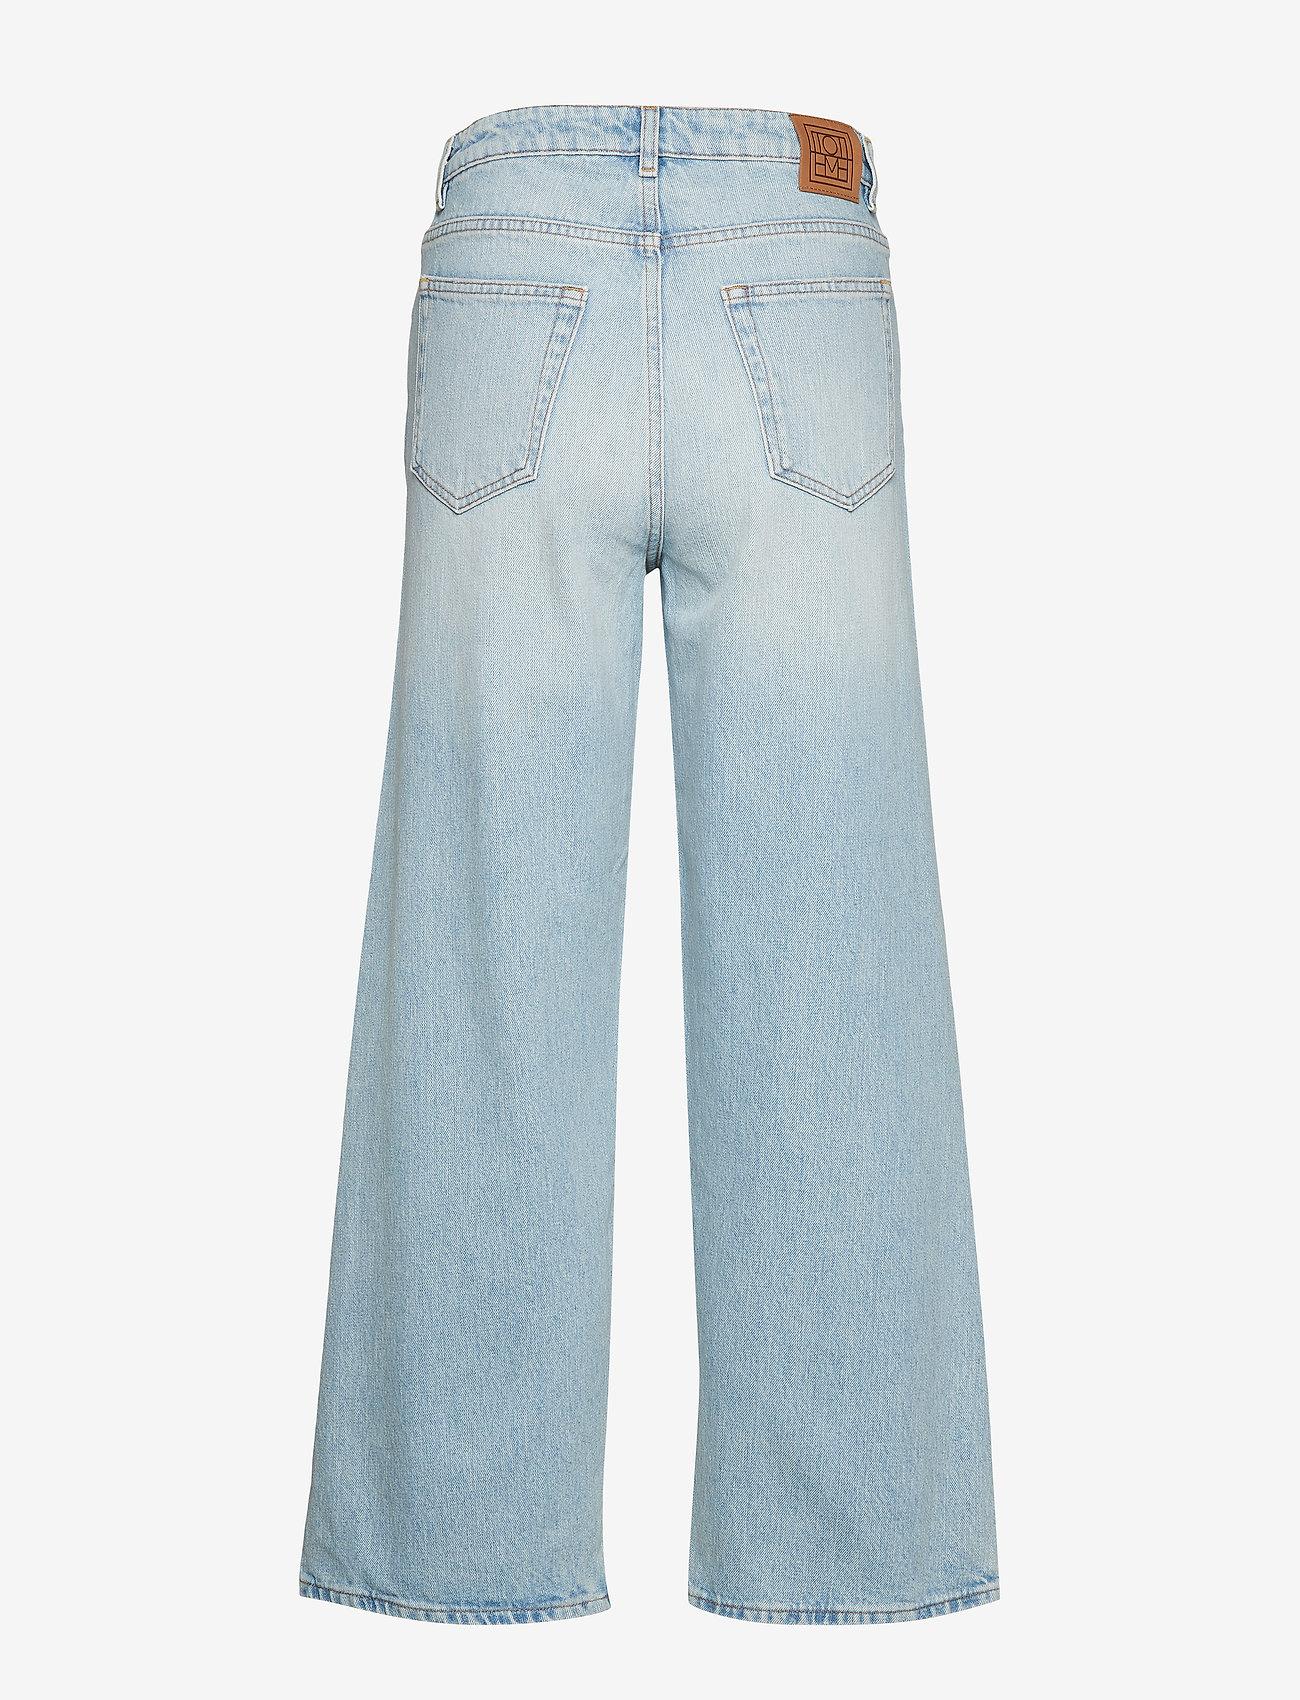 Totême - FLAIR DENIM 32 - broeken met wijde pijpen - light blue wash 425 - 1